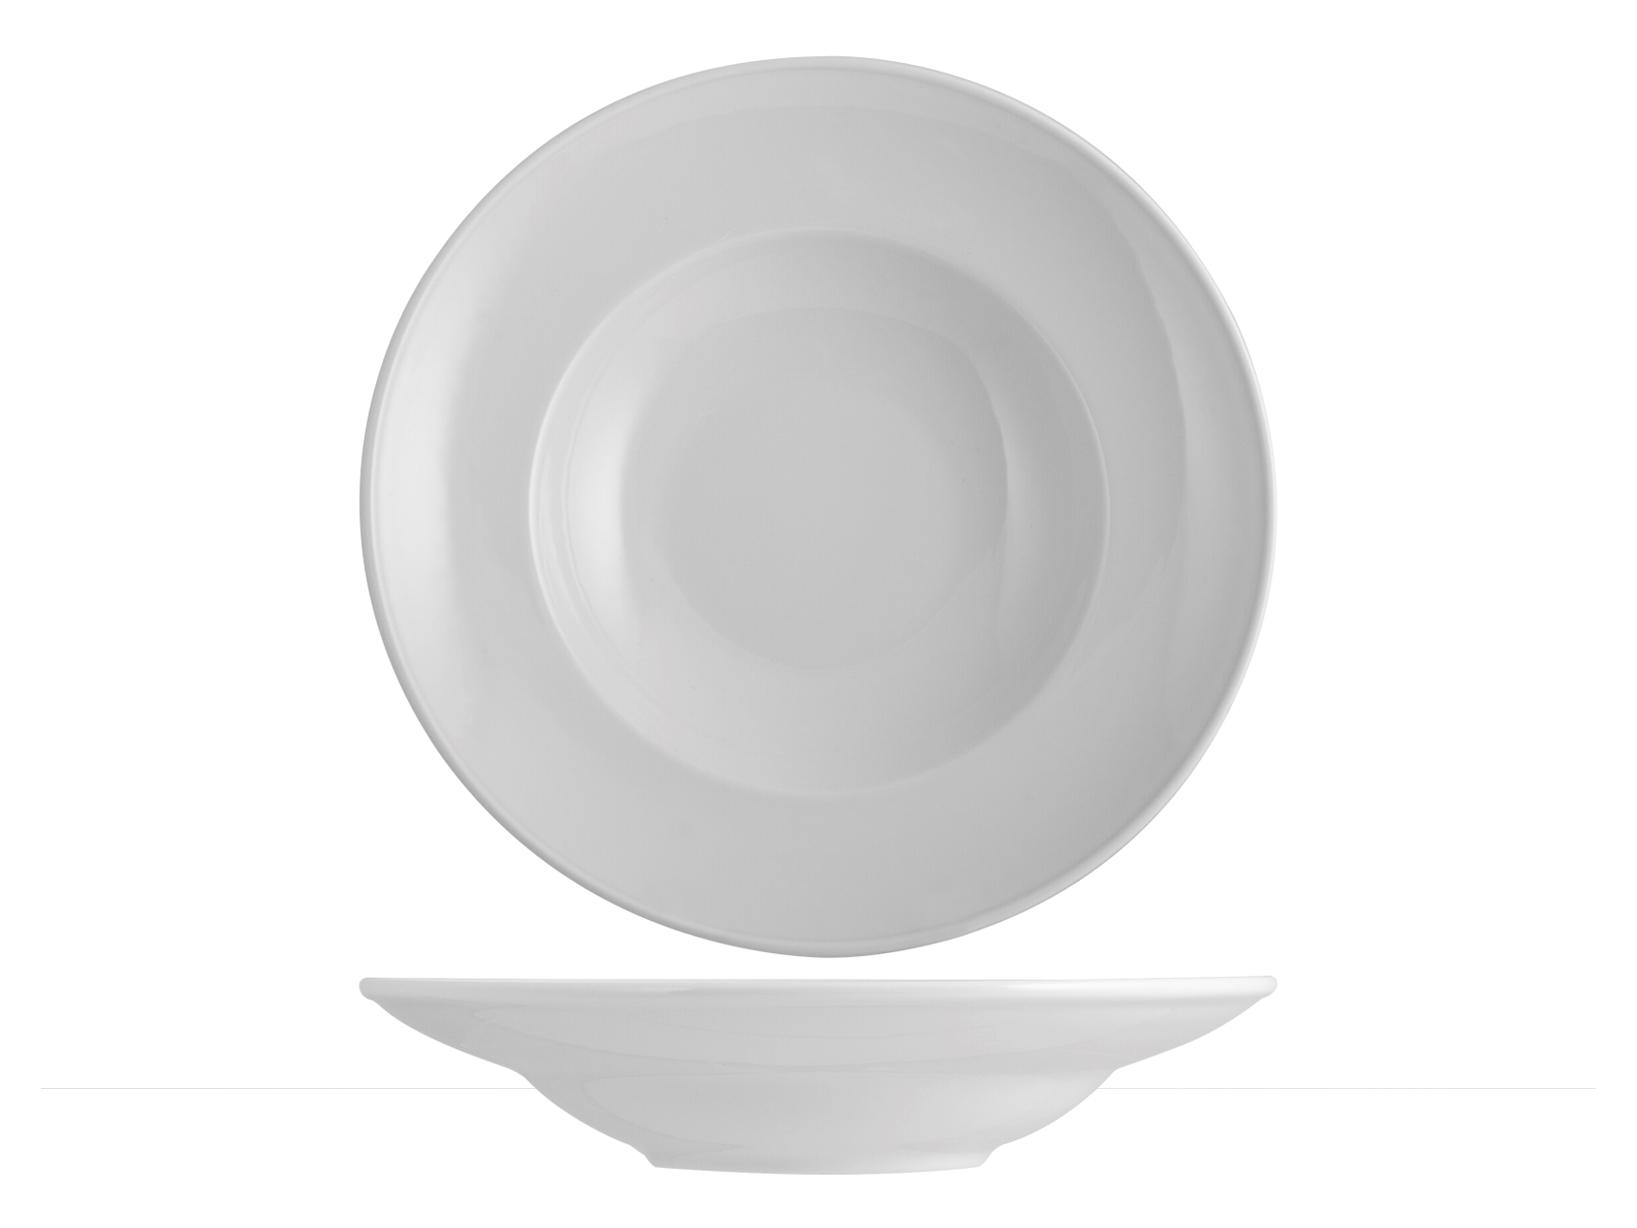 Piatto Pastabowl Porcellana Merano Bianco Cm27